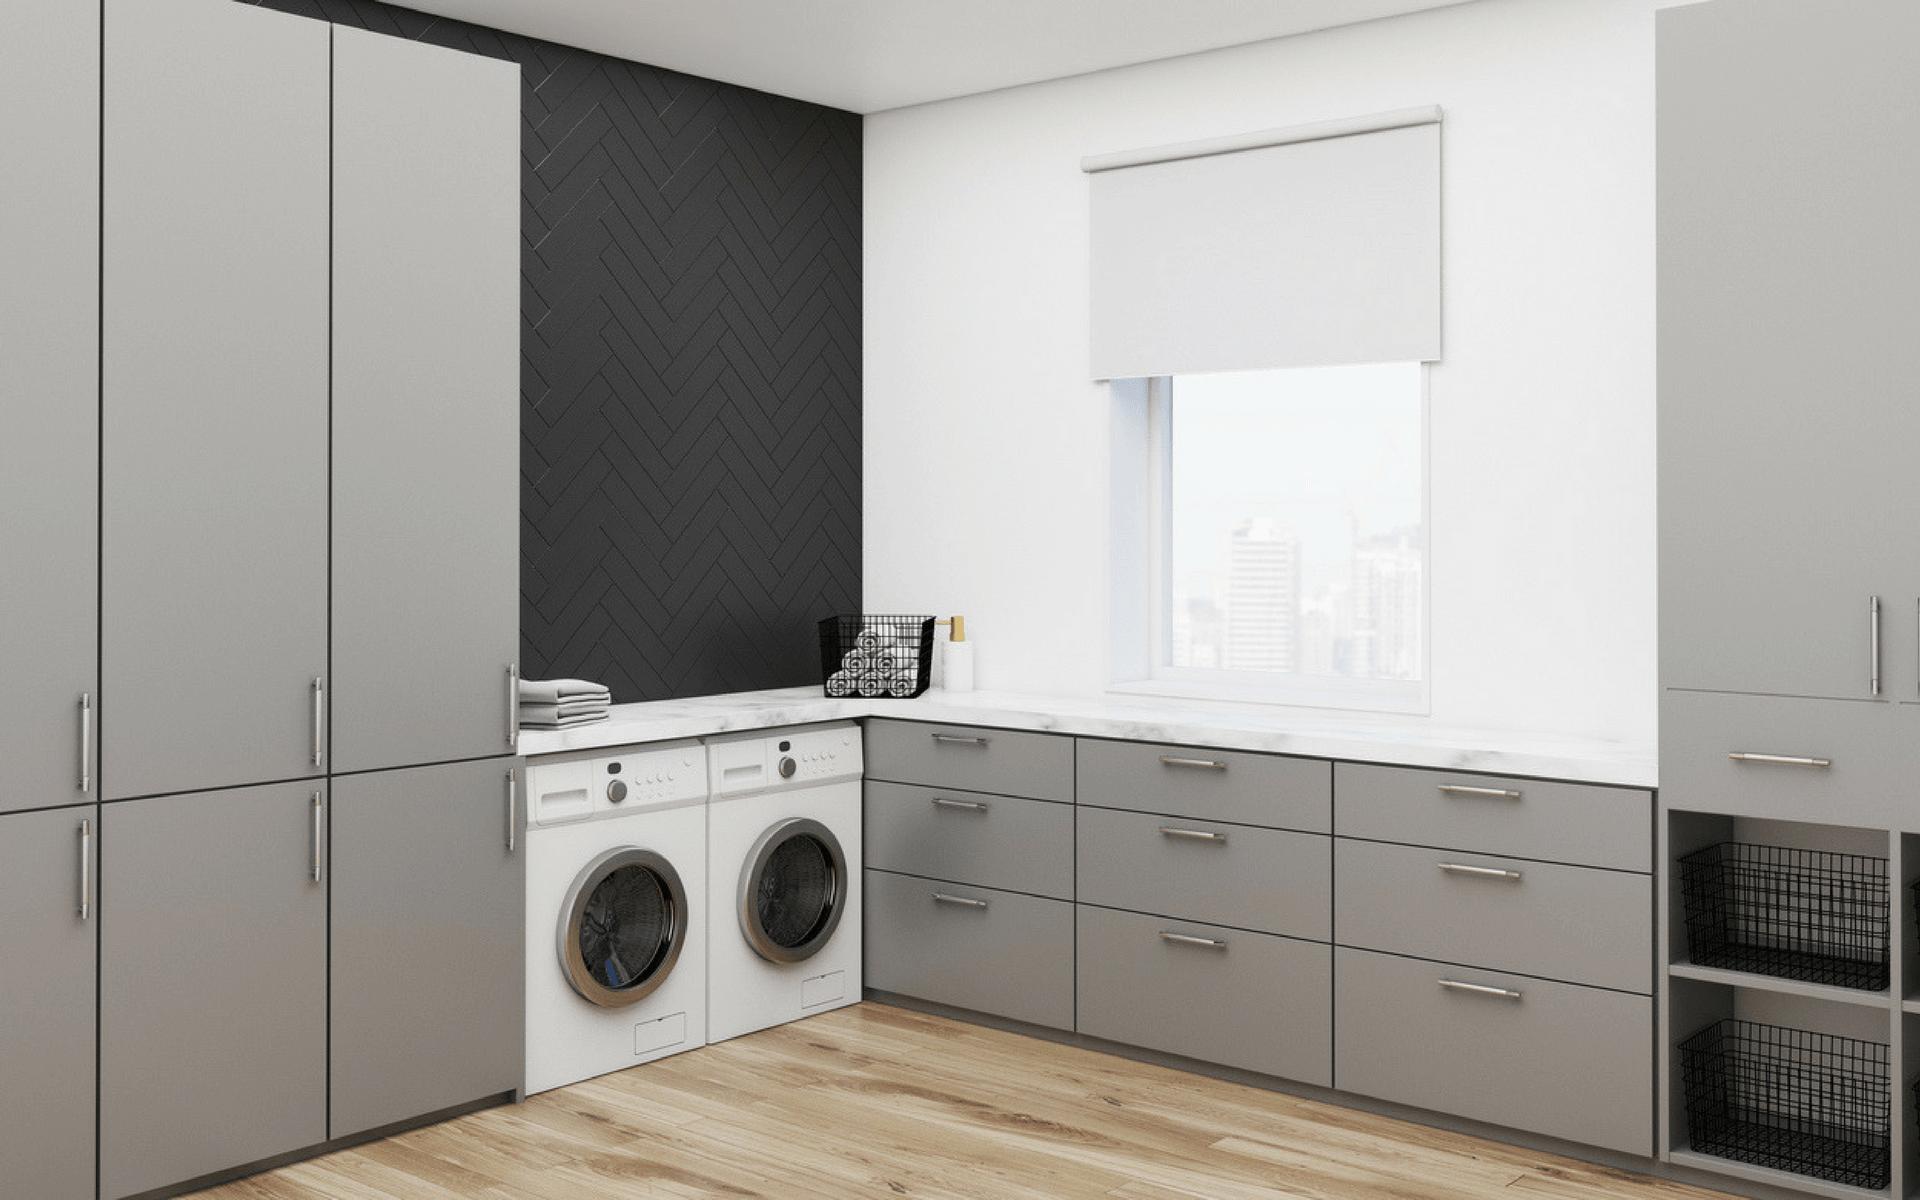 L'importanza di avere una finestra nel locale lavanderia così da arieggiare correttamente l'ambiente ed evitare la formazione di condense e muffe